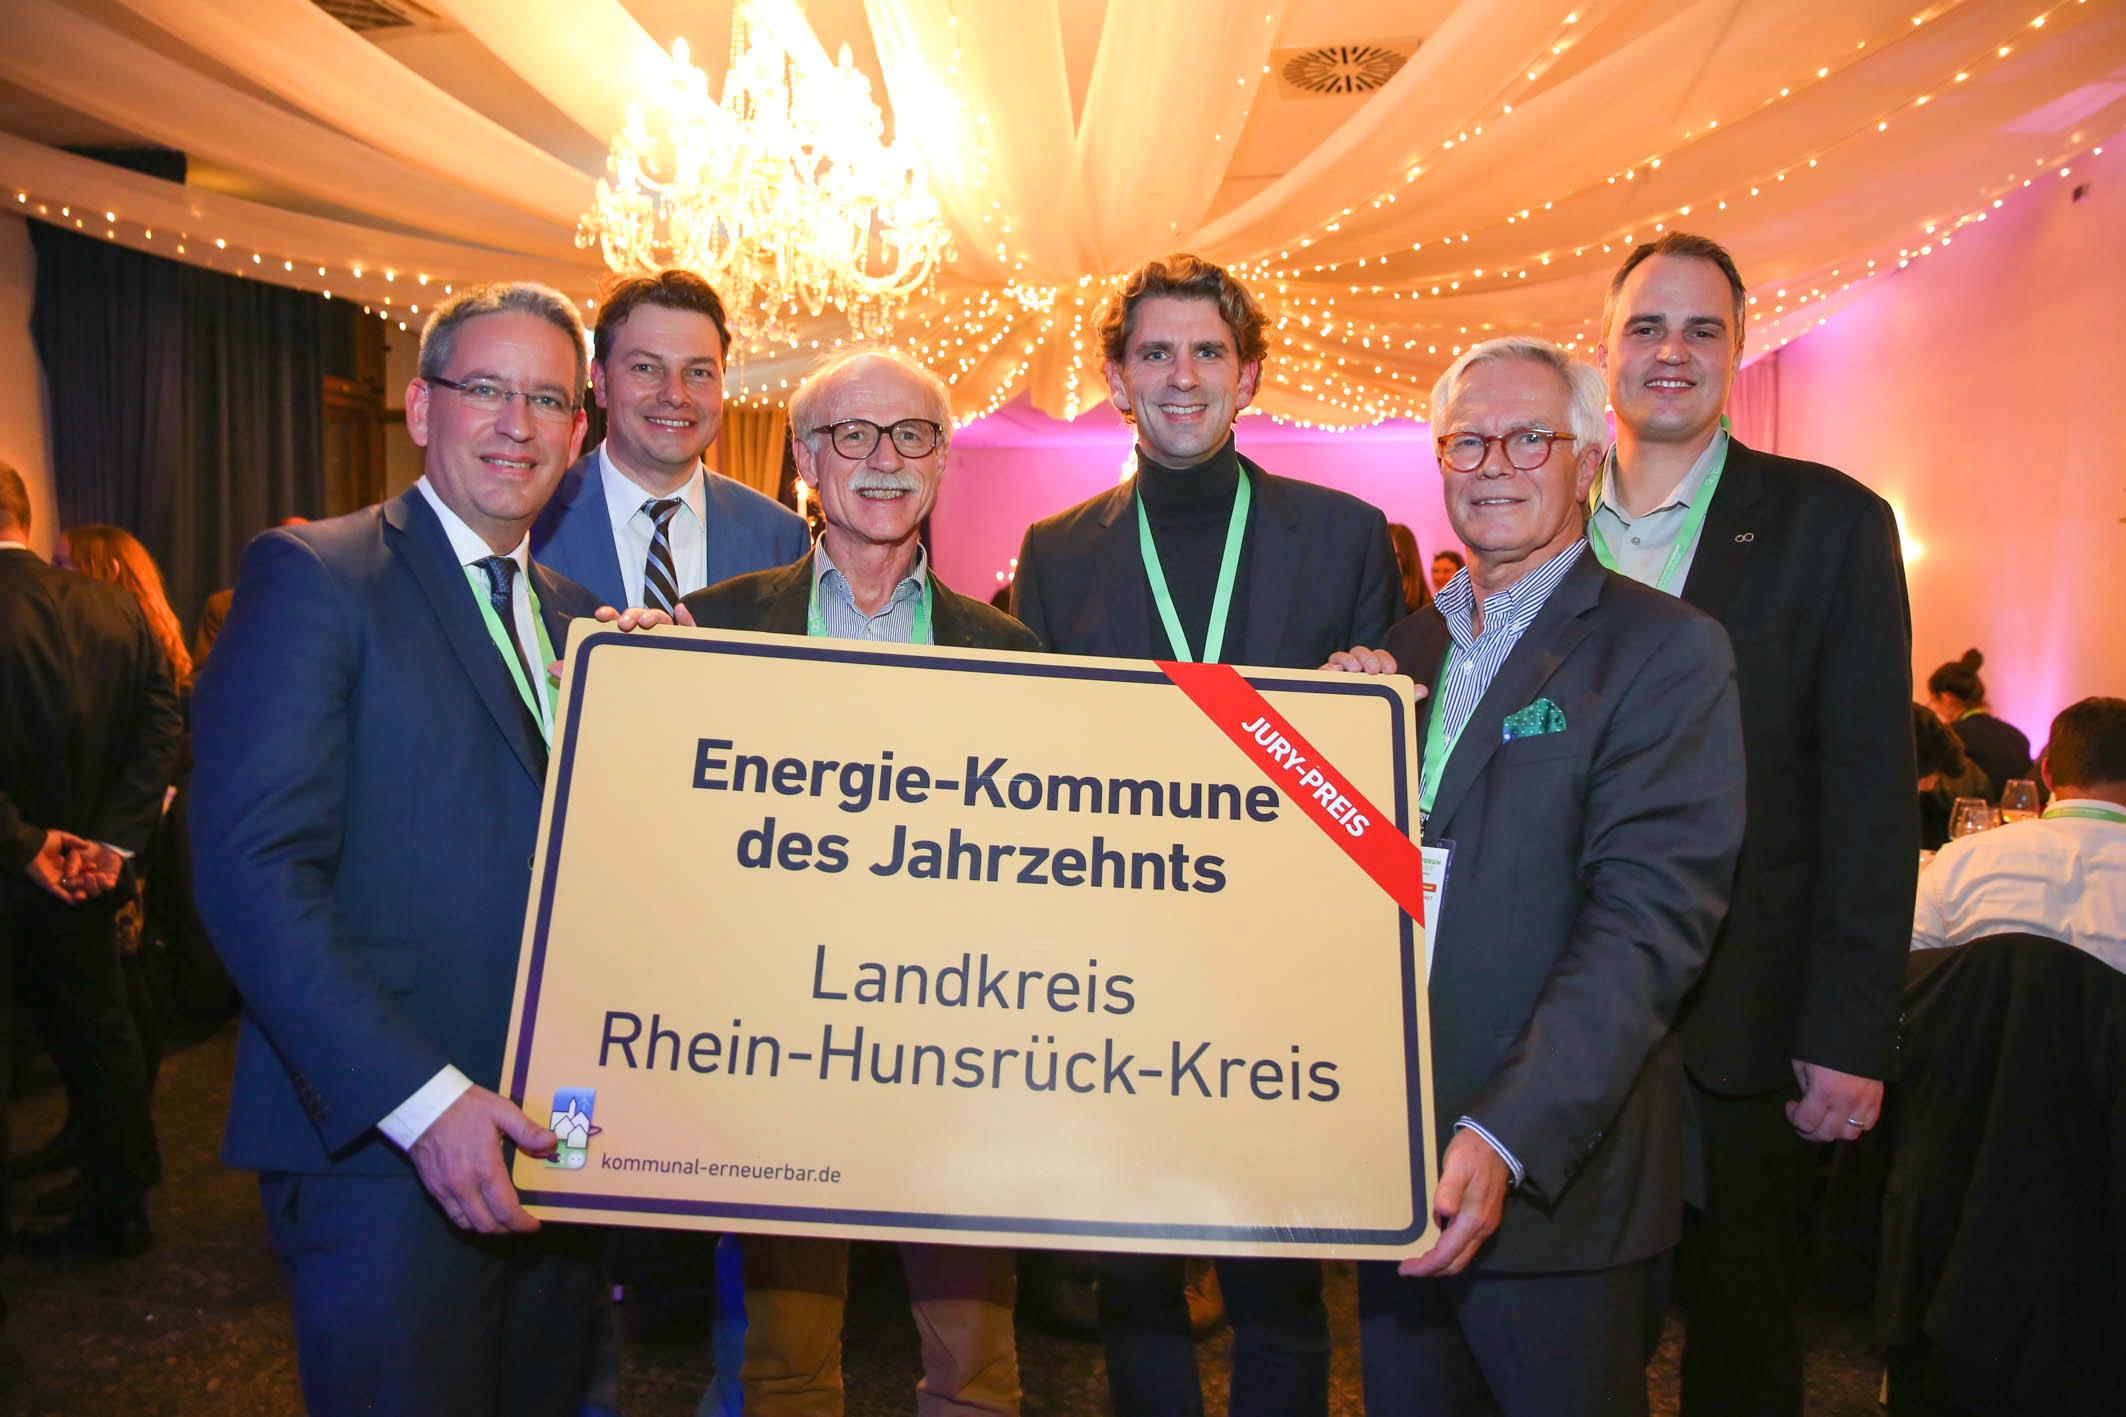 Energie-Kommune_des_Jahrzehnts-RHK_©deENet_Meyer